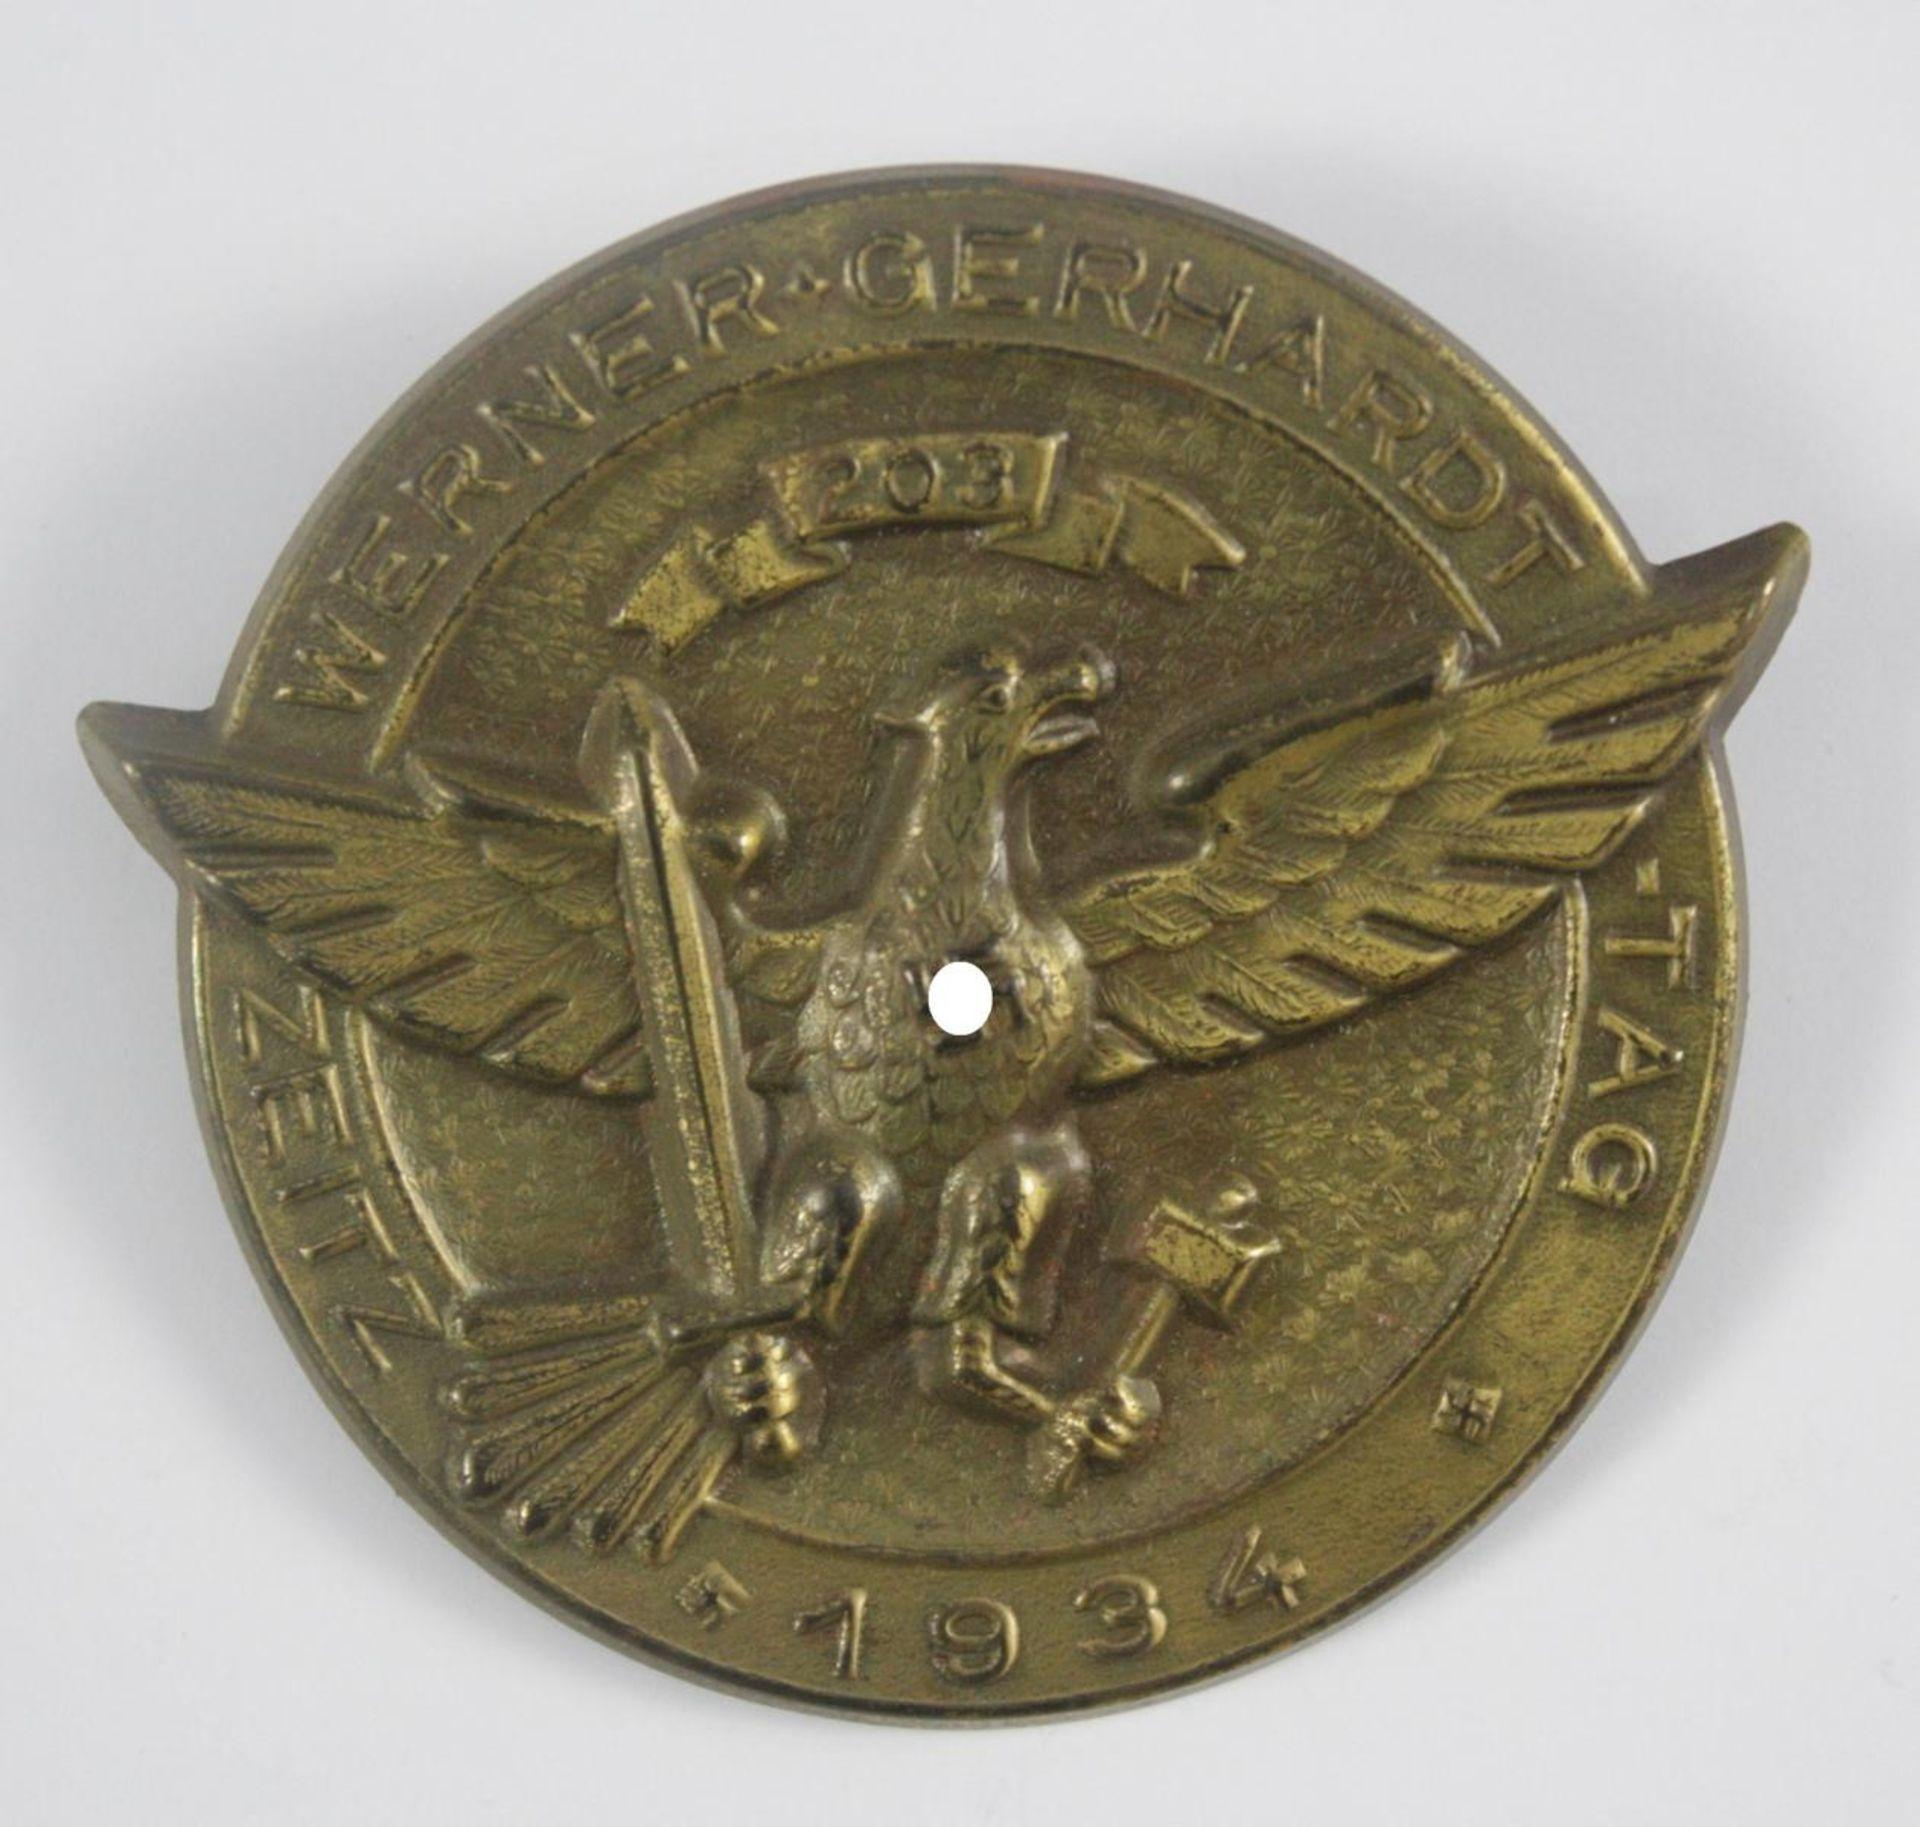 Erinnerungsabzeichen: Werner-Gerhardt-Tag Zeitz 1934